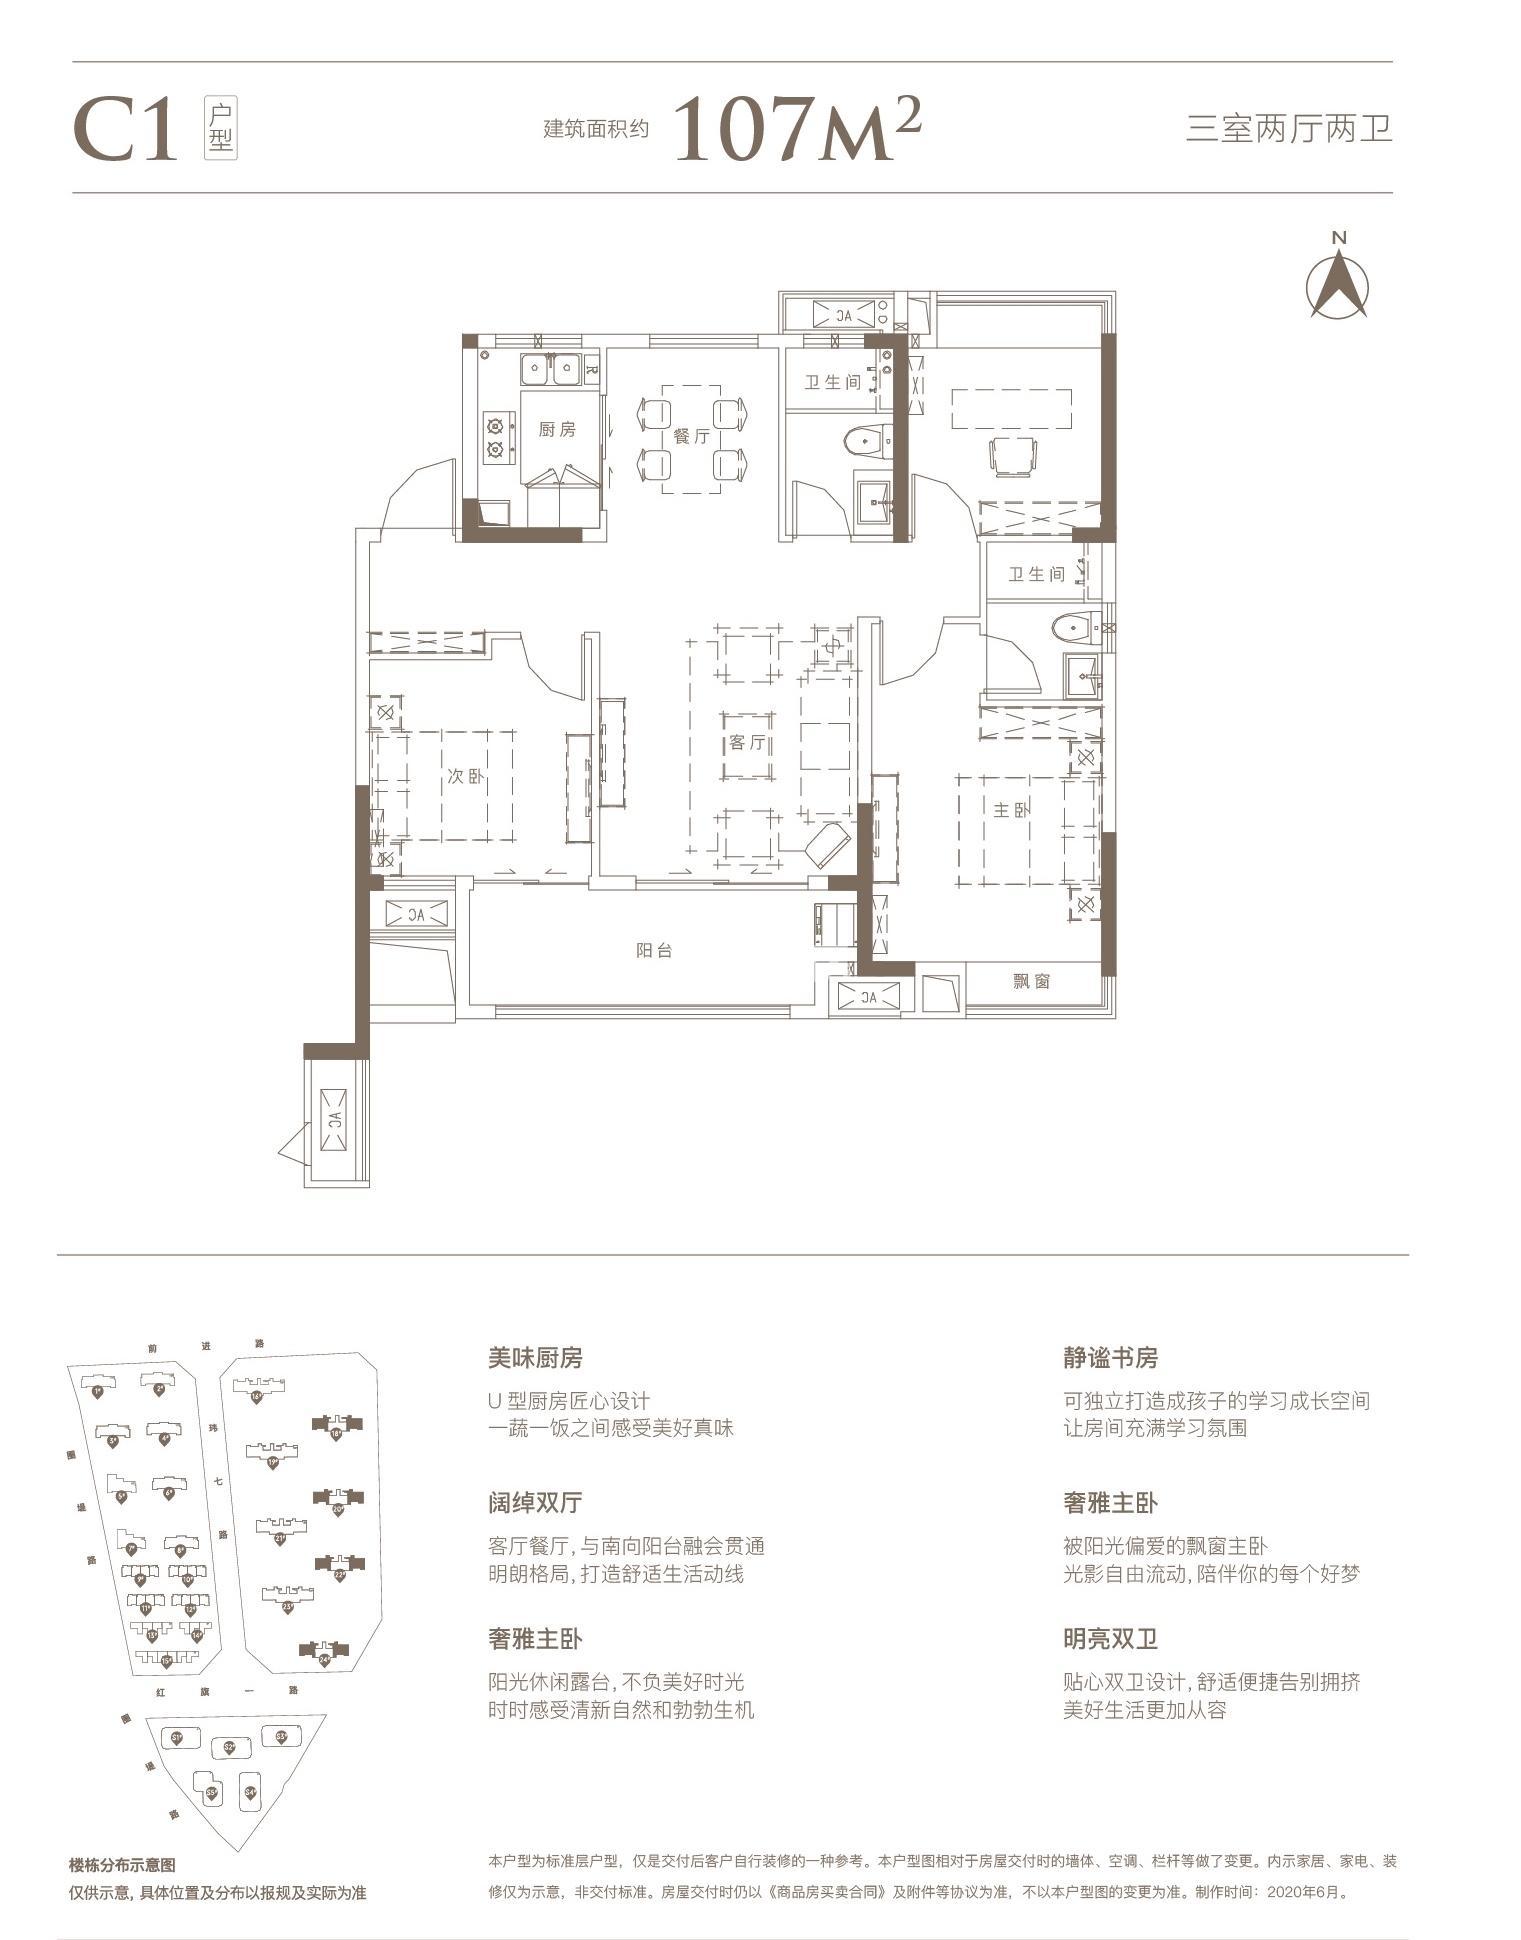 凤凰书院 高层C1户型 建面约107㎡ 202010